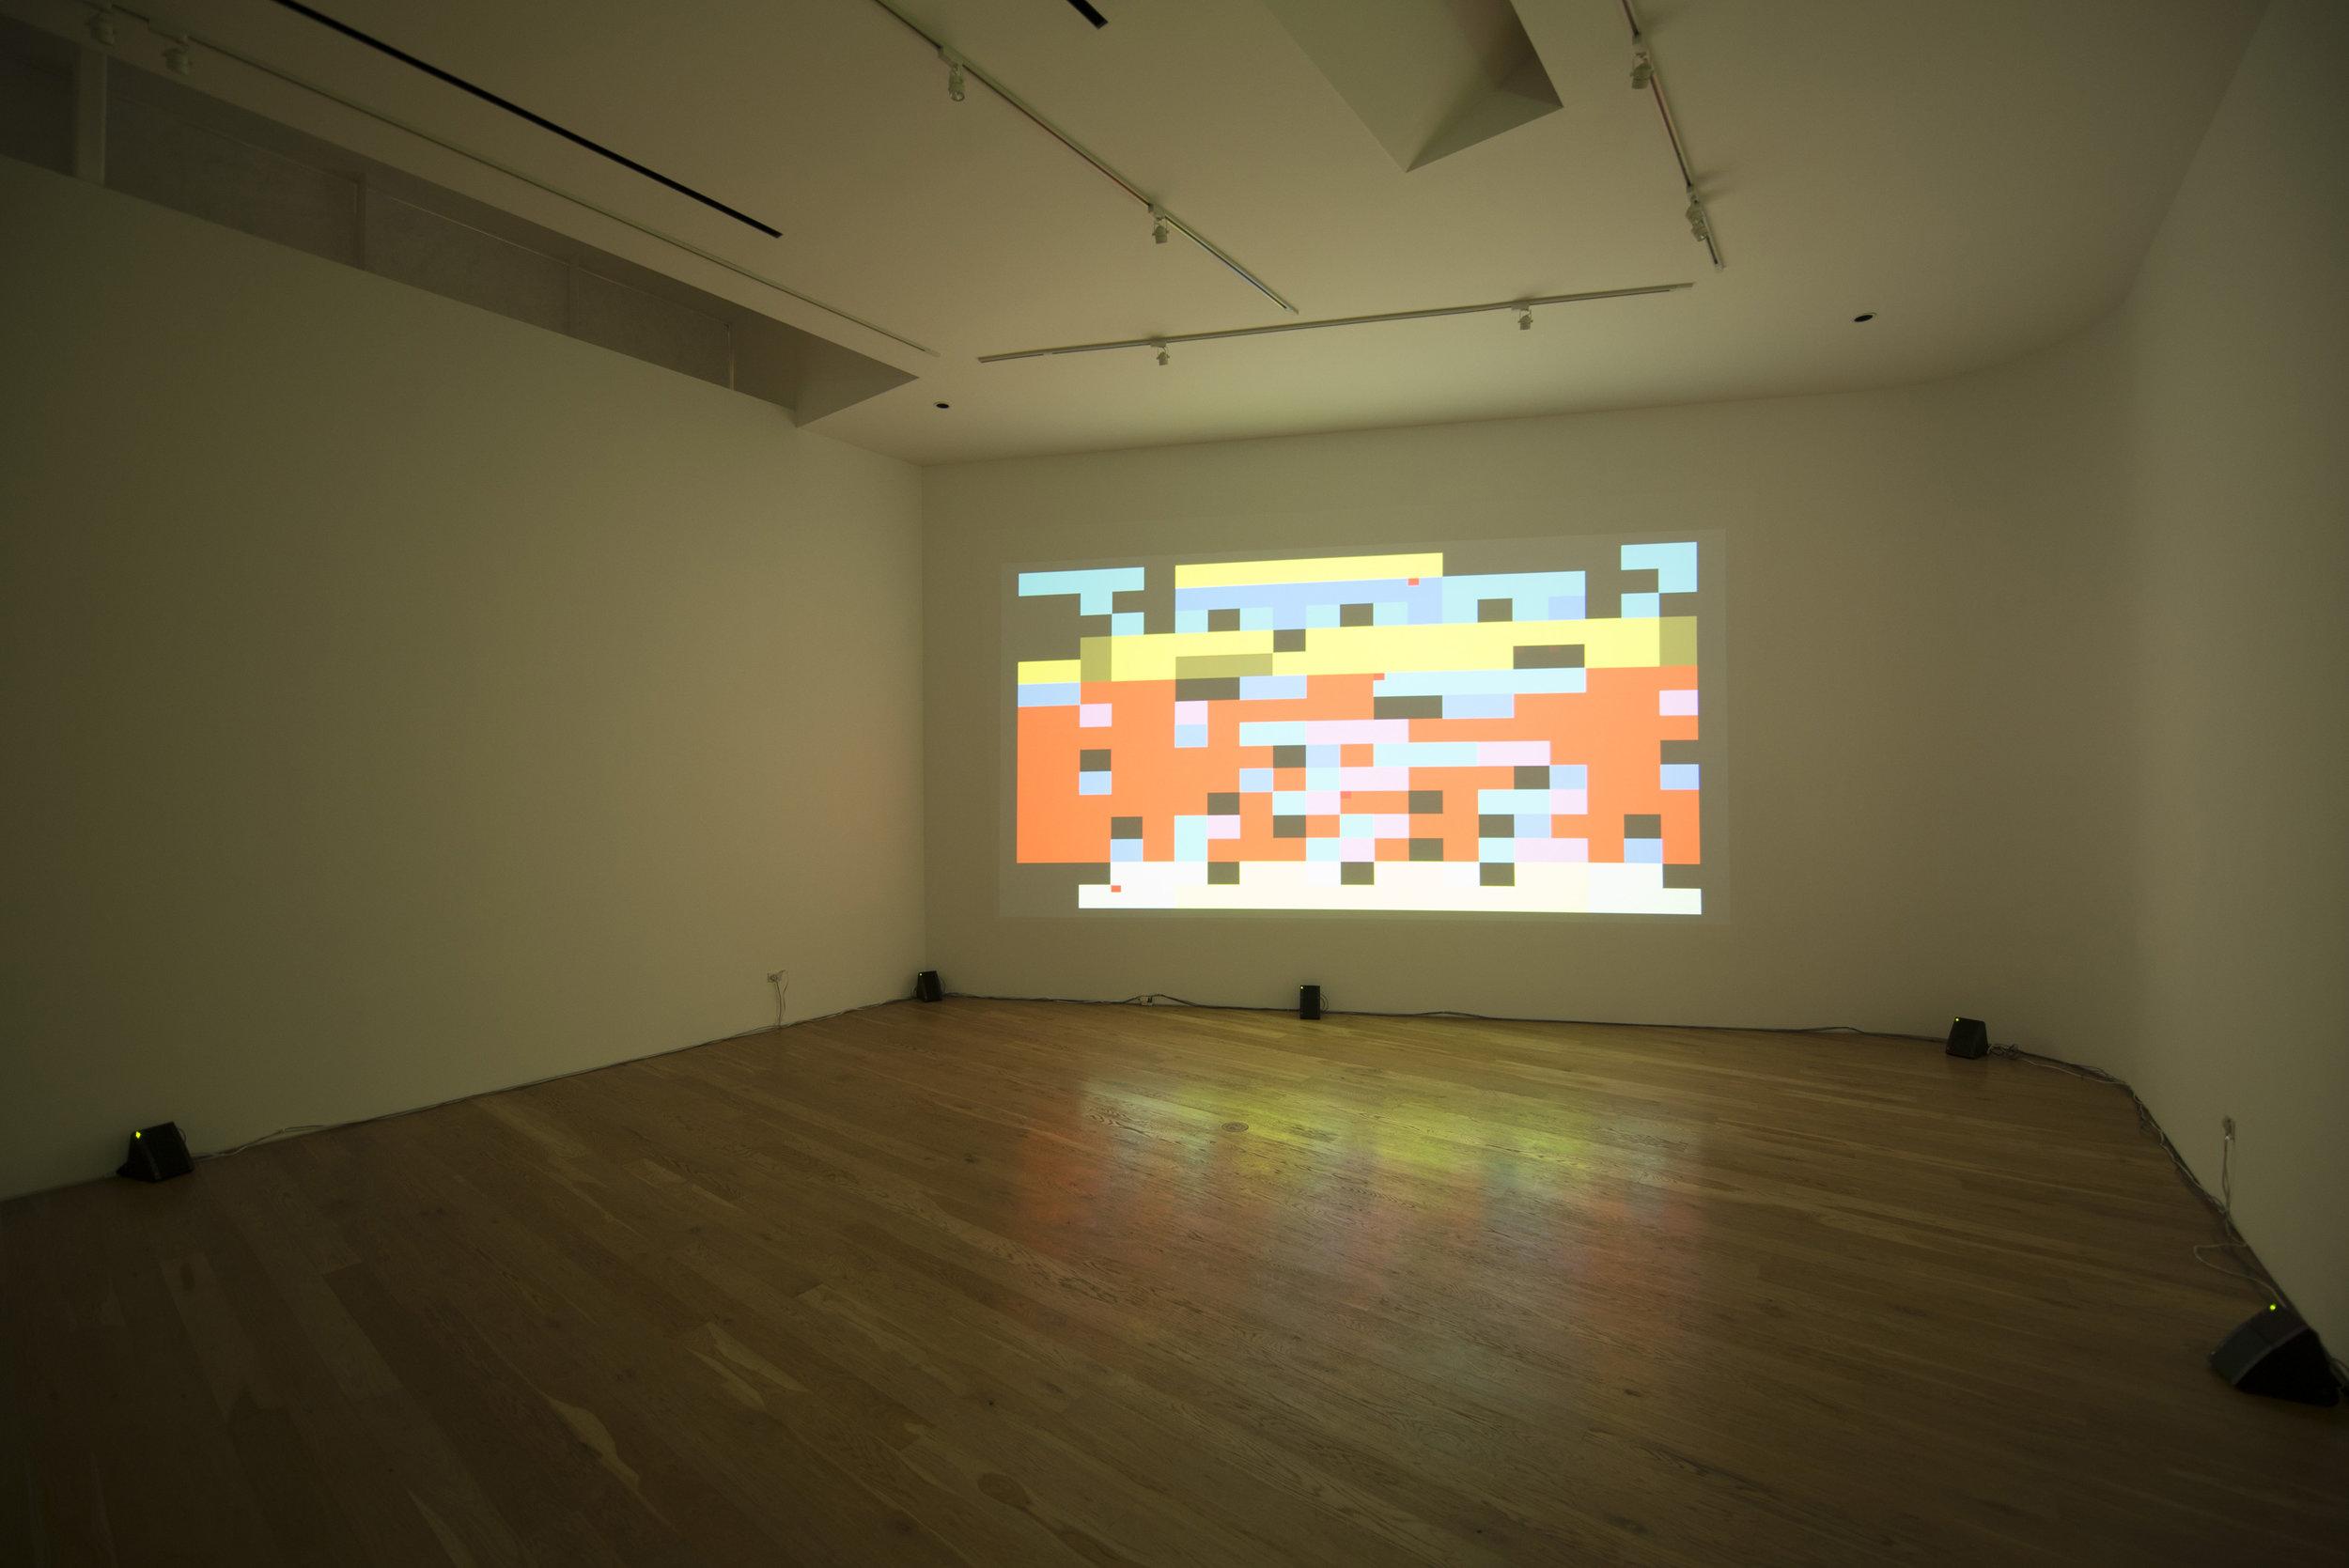 David Galbraith, installation view, 2014.